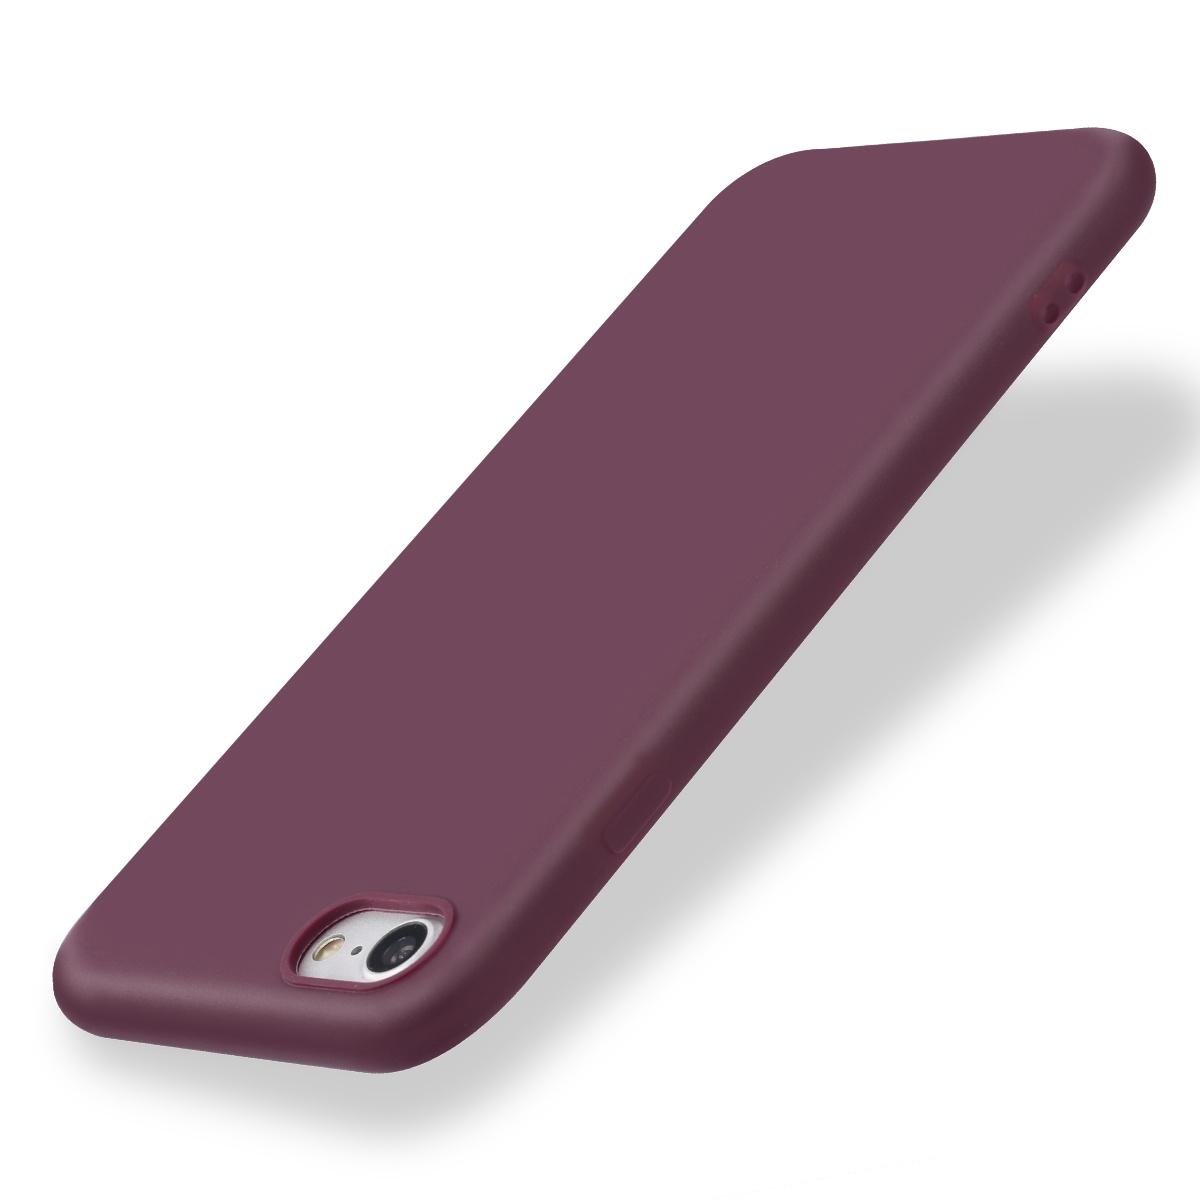 Чехол для сотового телефона Чехол для задней крышки смартфона для iPhone 5 / SE / 6 / 6s / 7 / 8 / 6 Plus / 6s Plus / 7 Plus / 8 Plus / X, бордовый чехол аккумулятор interstep power для apple iphone 6 6s 7 8 plus 5000мач черный